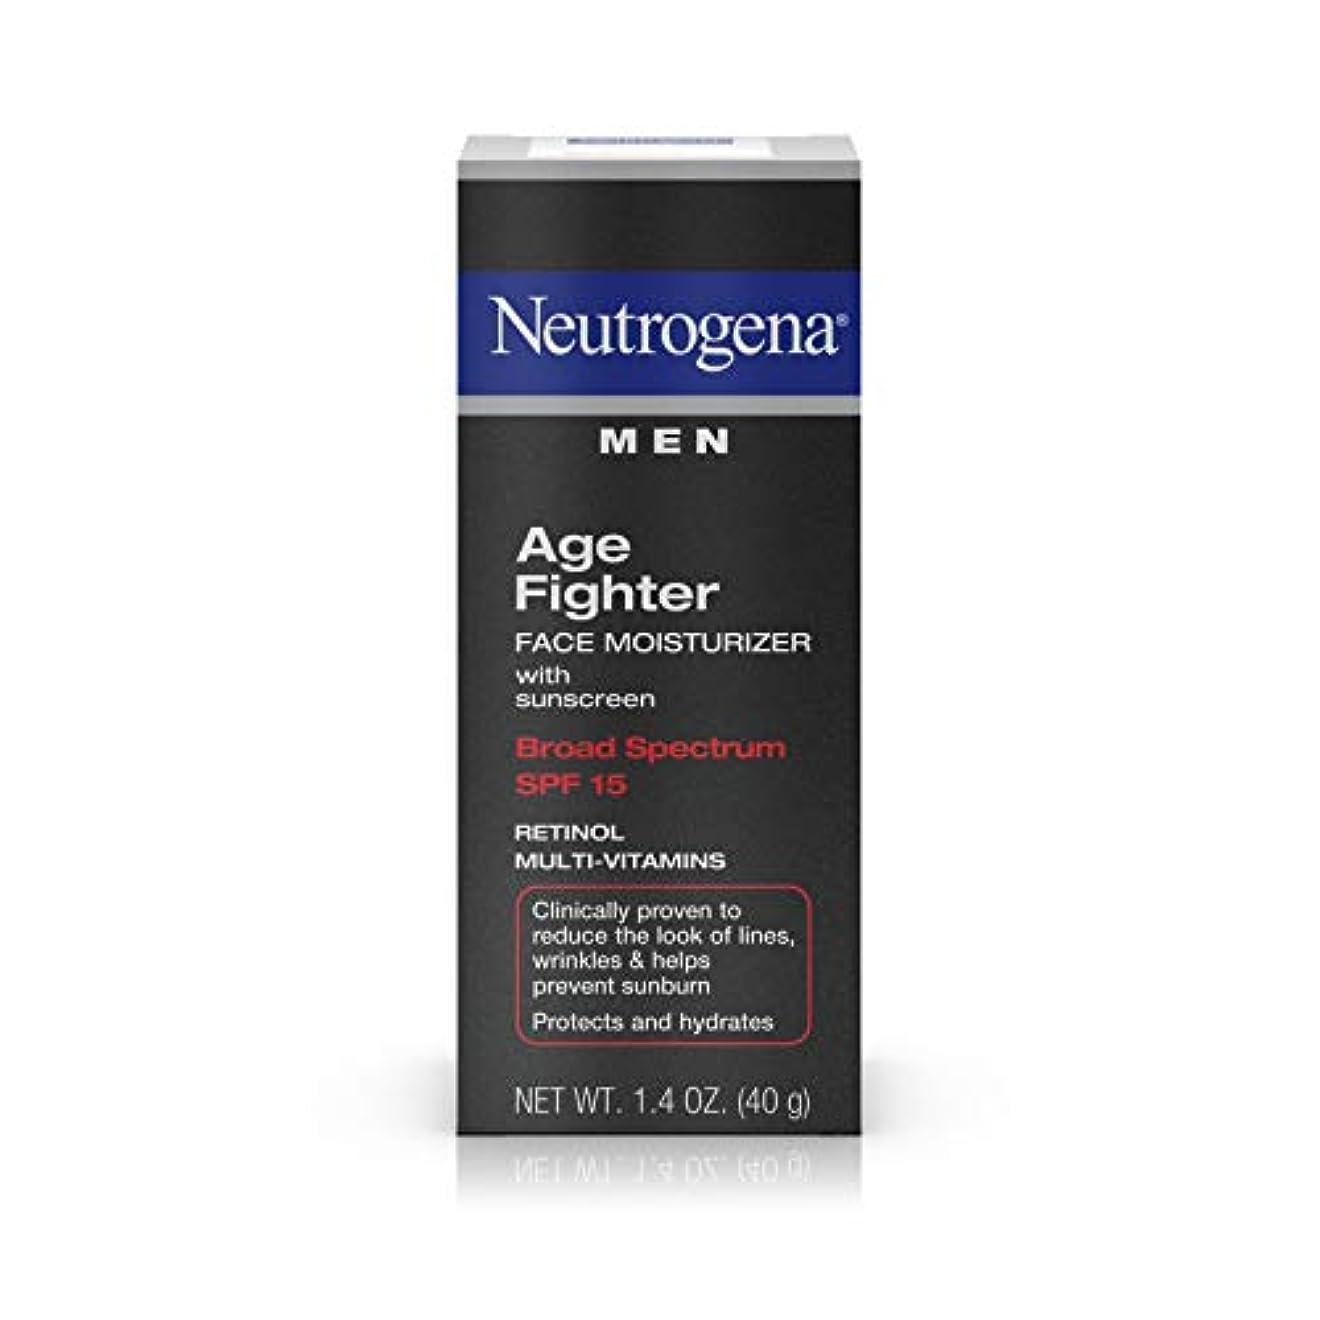 どこでもありふれた虎Neutrogena Men Age Fighter Face Moisturizer with sunscreen SPF 15 1.4oz.(40g) 男性用ニュートロジーナ メン エイジ ファイター フェイス モイスチャライザー